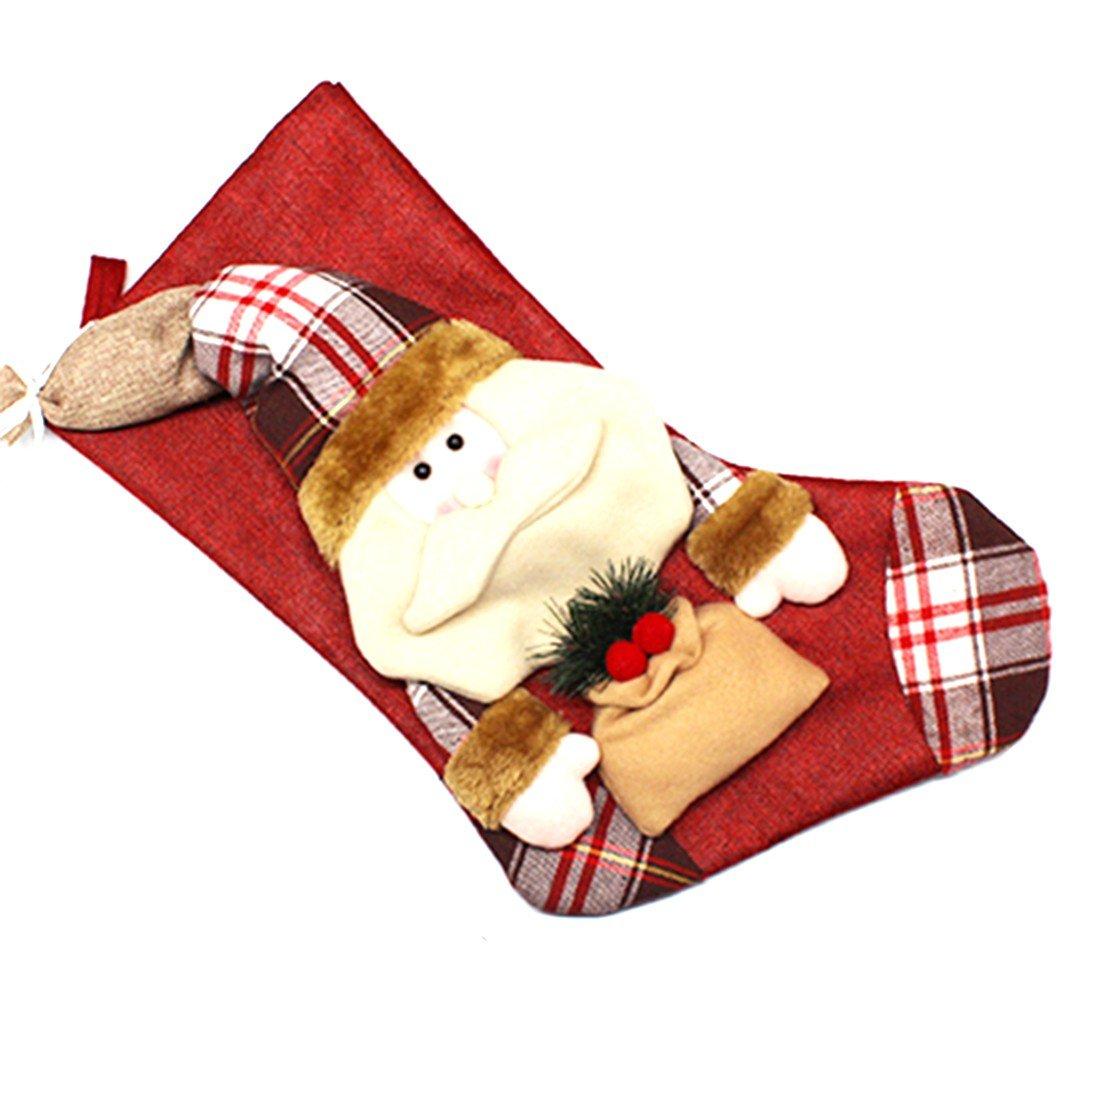 1pcs decoraciones de Navidad de Santa Claus muñeco de nieve de caramelo Calcetines regalos de la decoración del bolso-Elk rongwen